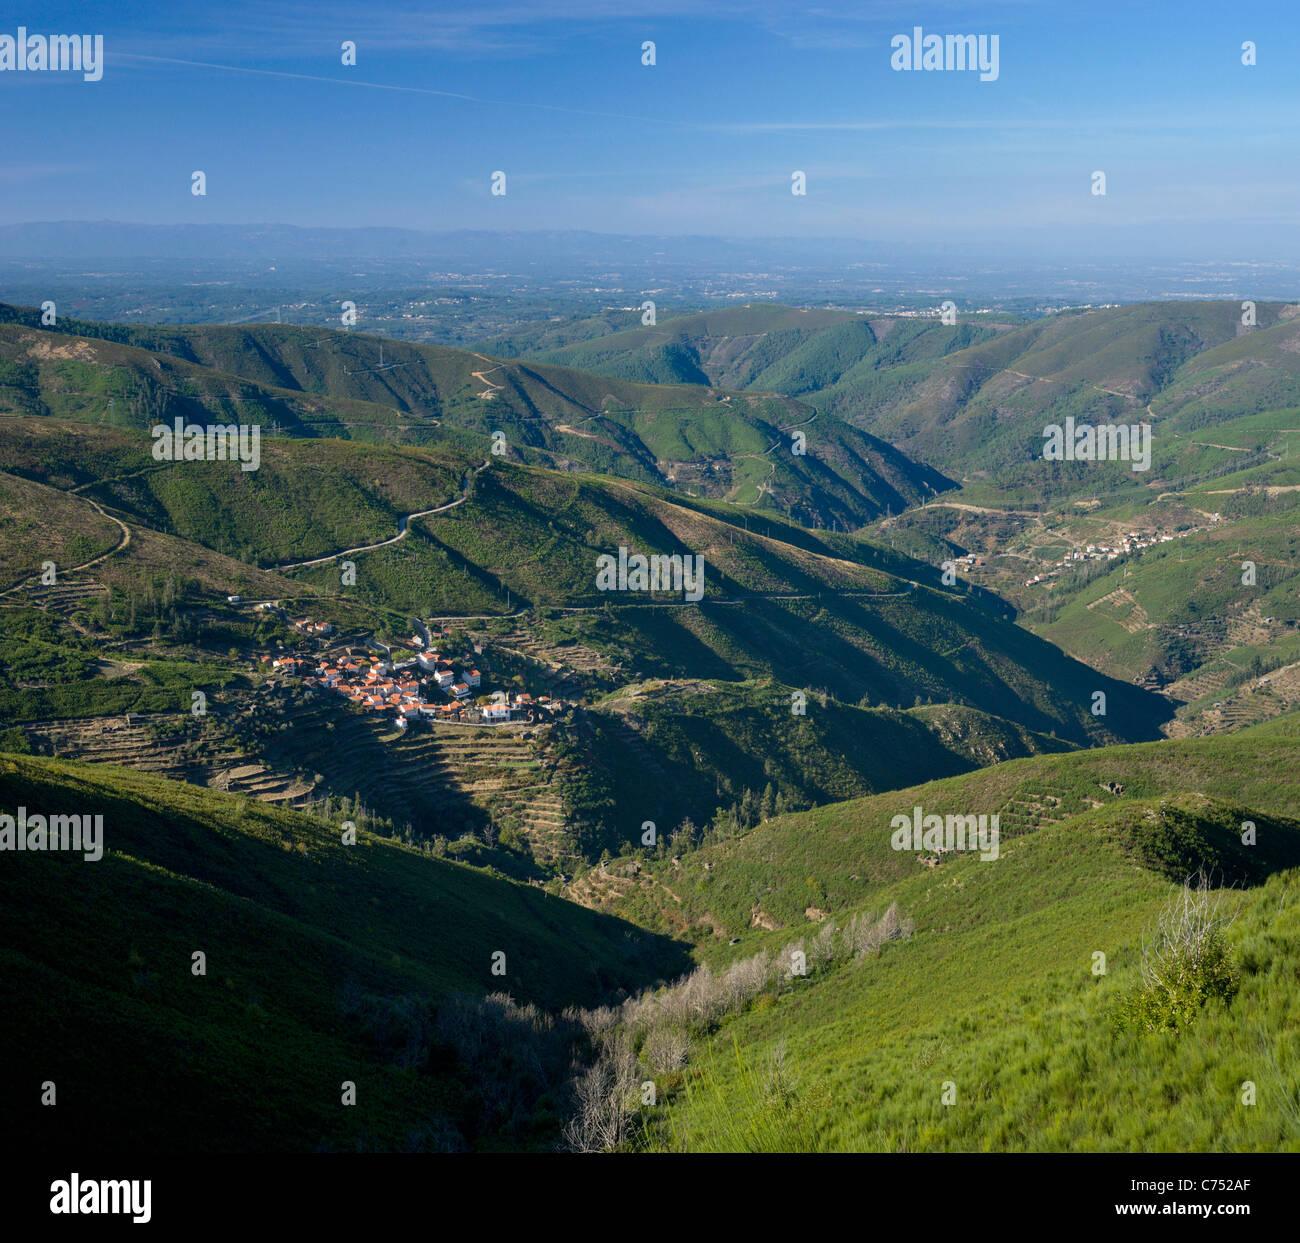 Portugal, the Beira Alta, Serra da Estrela, near Piodao, landscape with small villages (Casarias and Sabral Gordo) - Stock Image